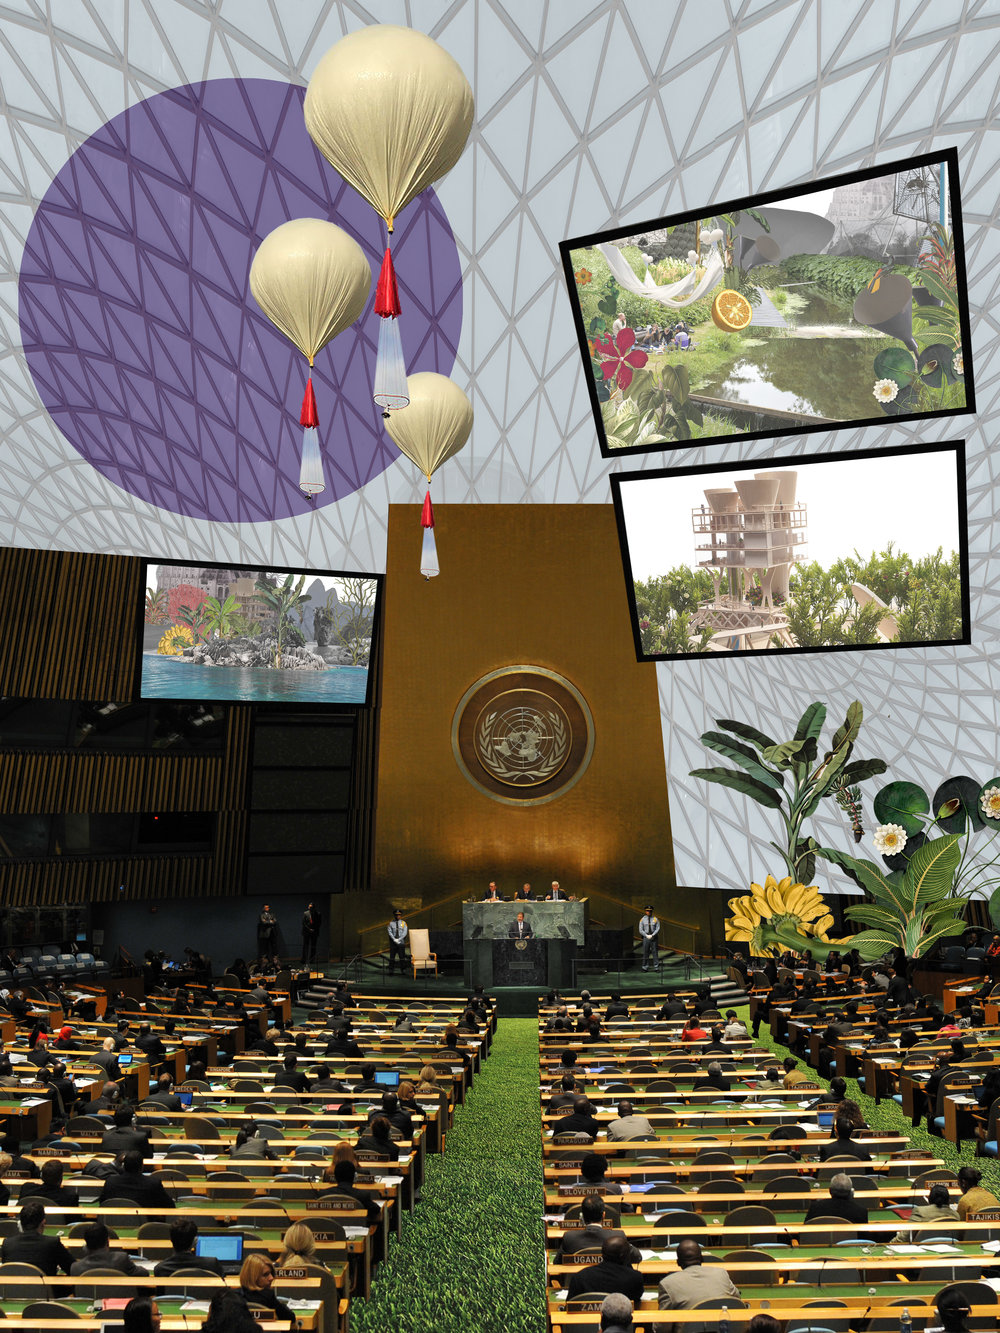 La isla no participará en la política global. Sin embargo, en su único acto diplomático, Félix González-Torres representará simbólicamente a la isla ante Naciones Unidas, para destacar la empatía, lo efímero, la interdependencia.